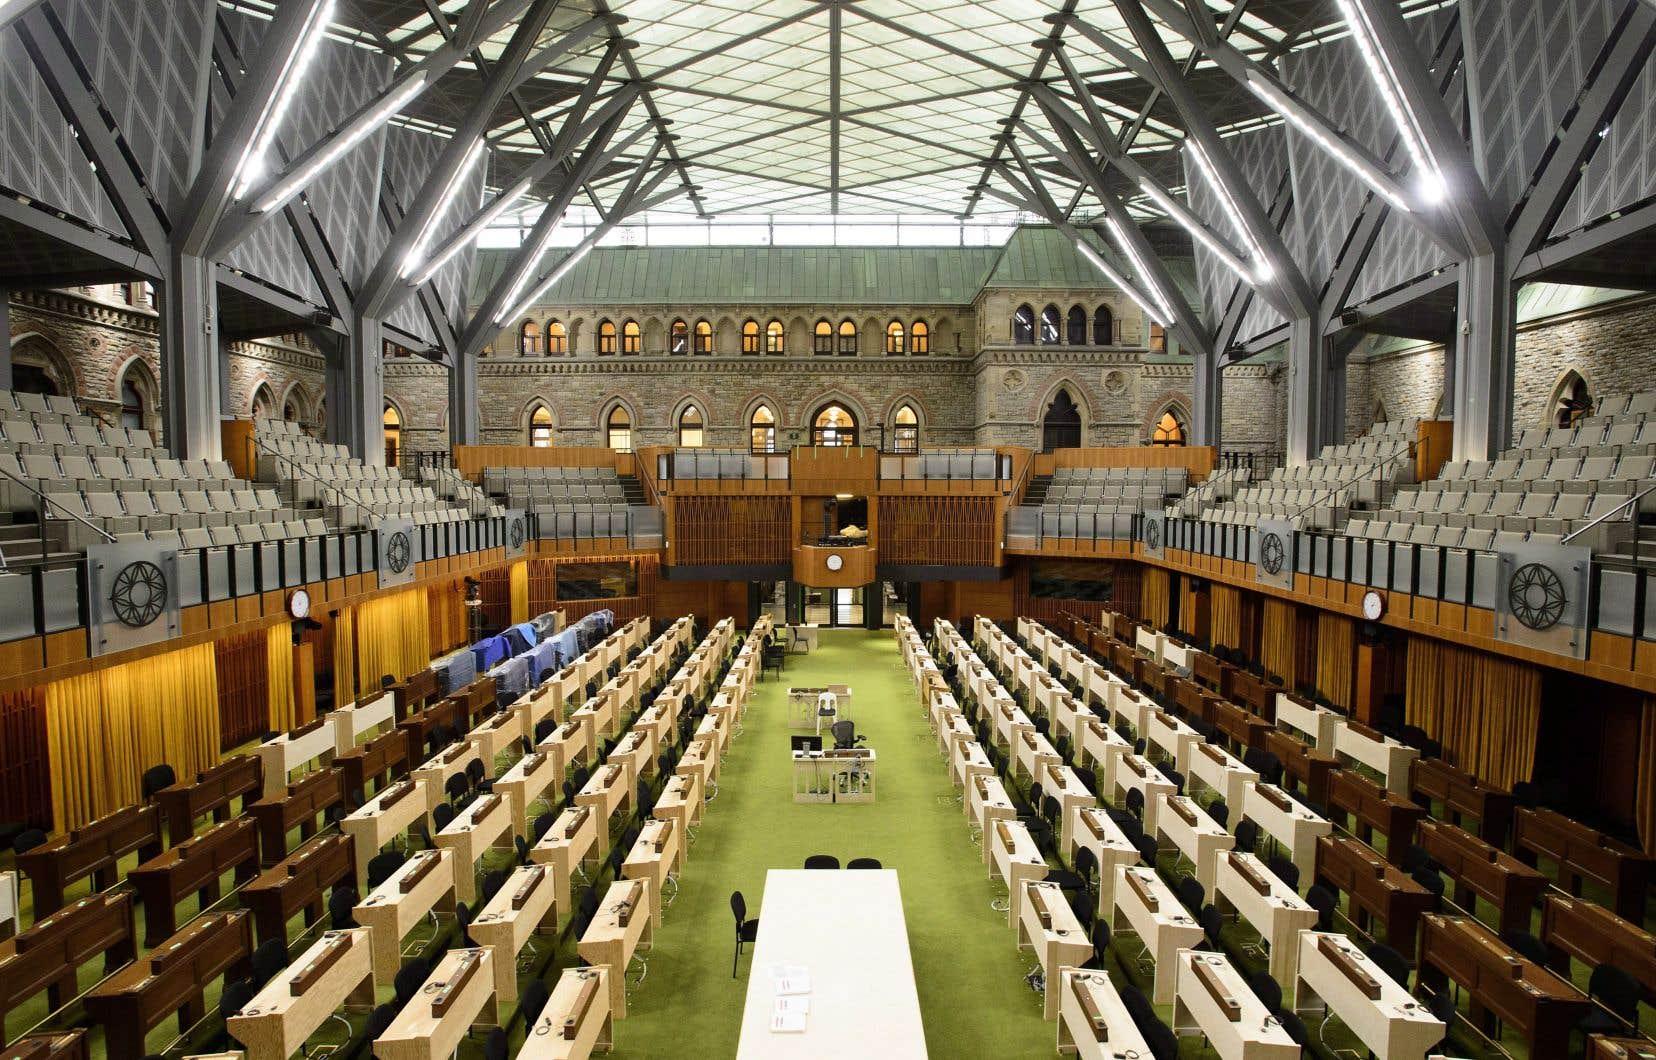 La nouvelle Chambre des communes a été construite dans la cour intérieure de l'édifice de l'Ouest, sous un gigantesque plafond de verre. Cette conversion de l'espace a permis d'ajouter 50% de superficie à l'édifice.